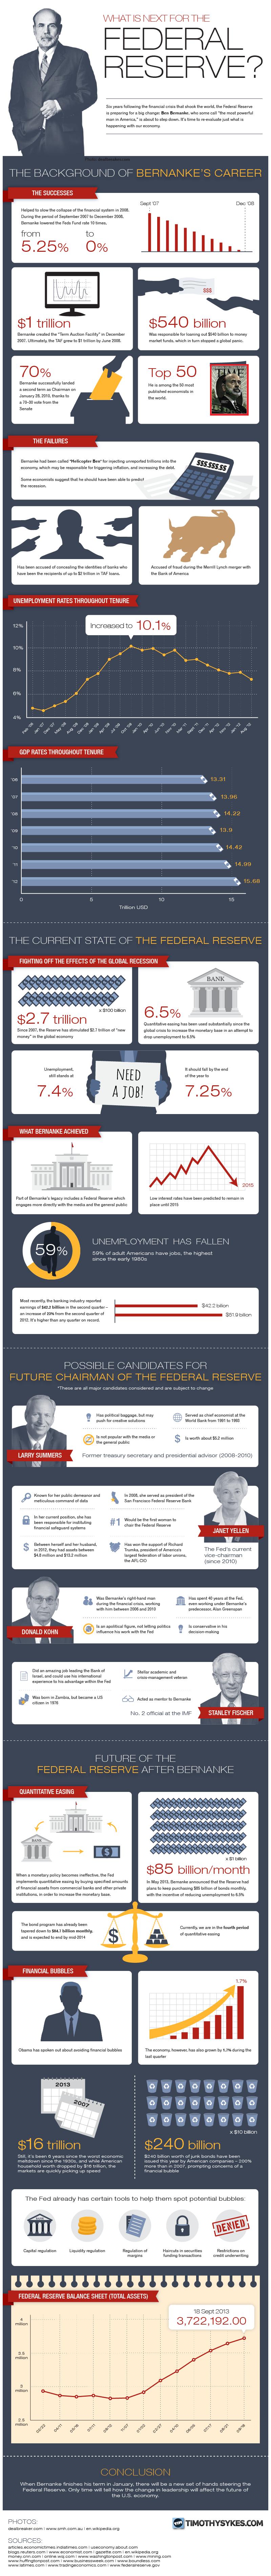 Federal Reserve After Bernanke-Infographic